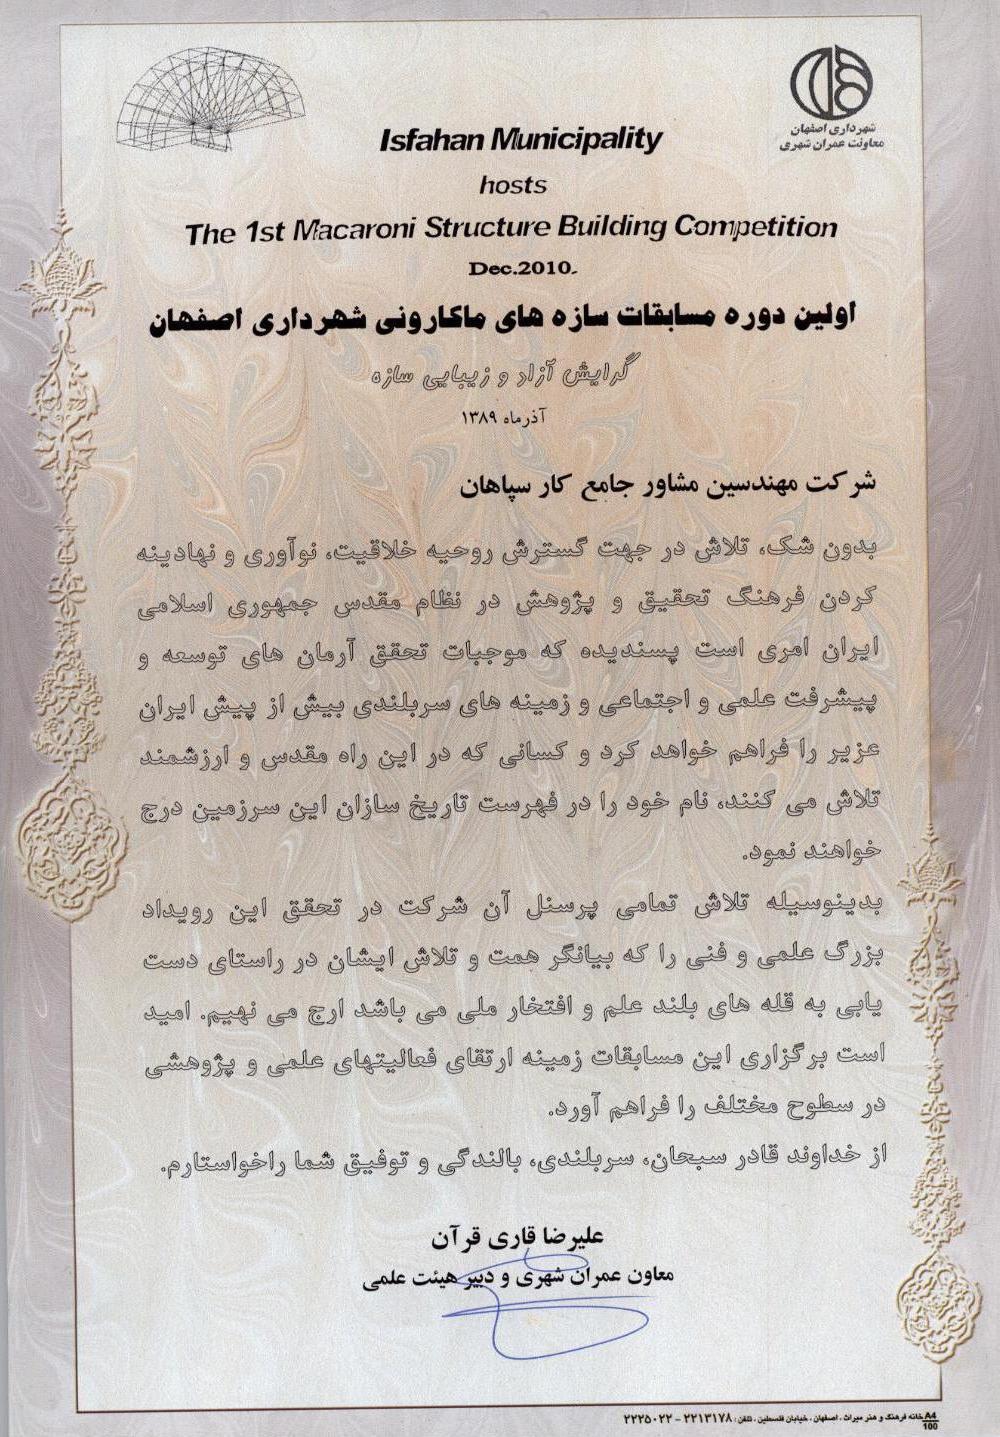 معاونت عمران شهری شهرداری اصفهان